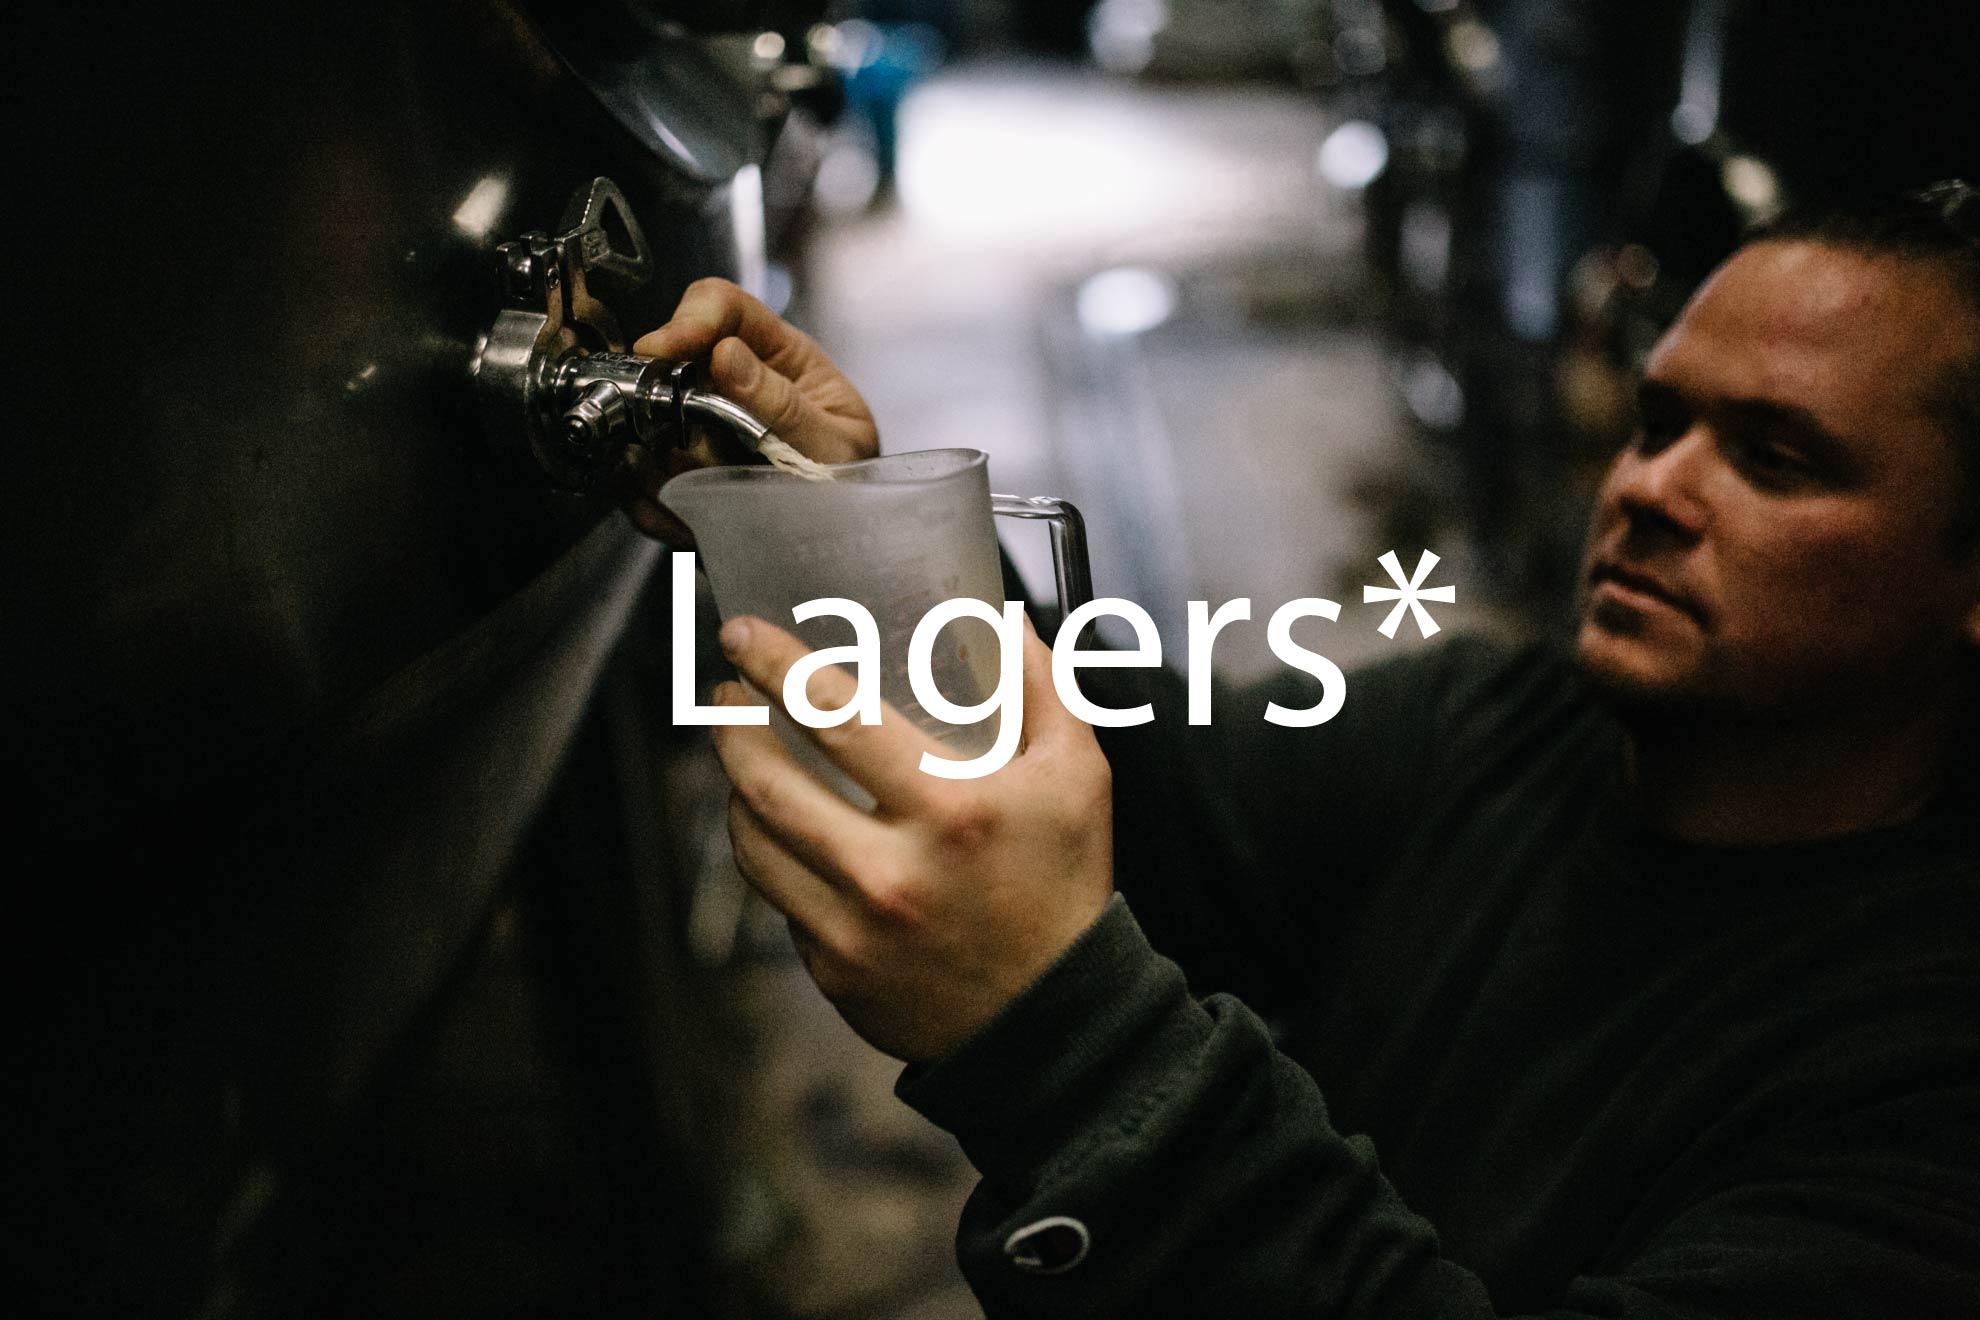 Copy of Karl samples beer